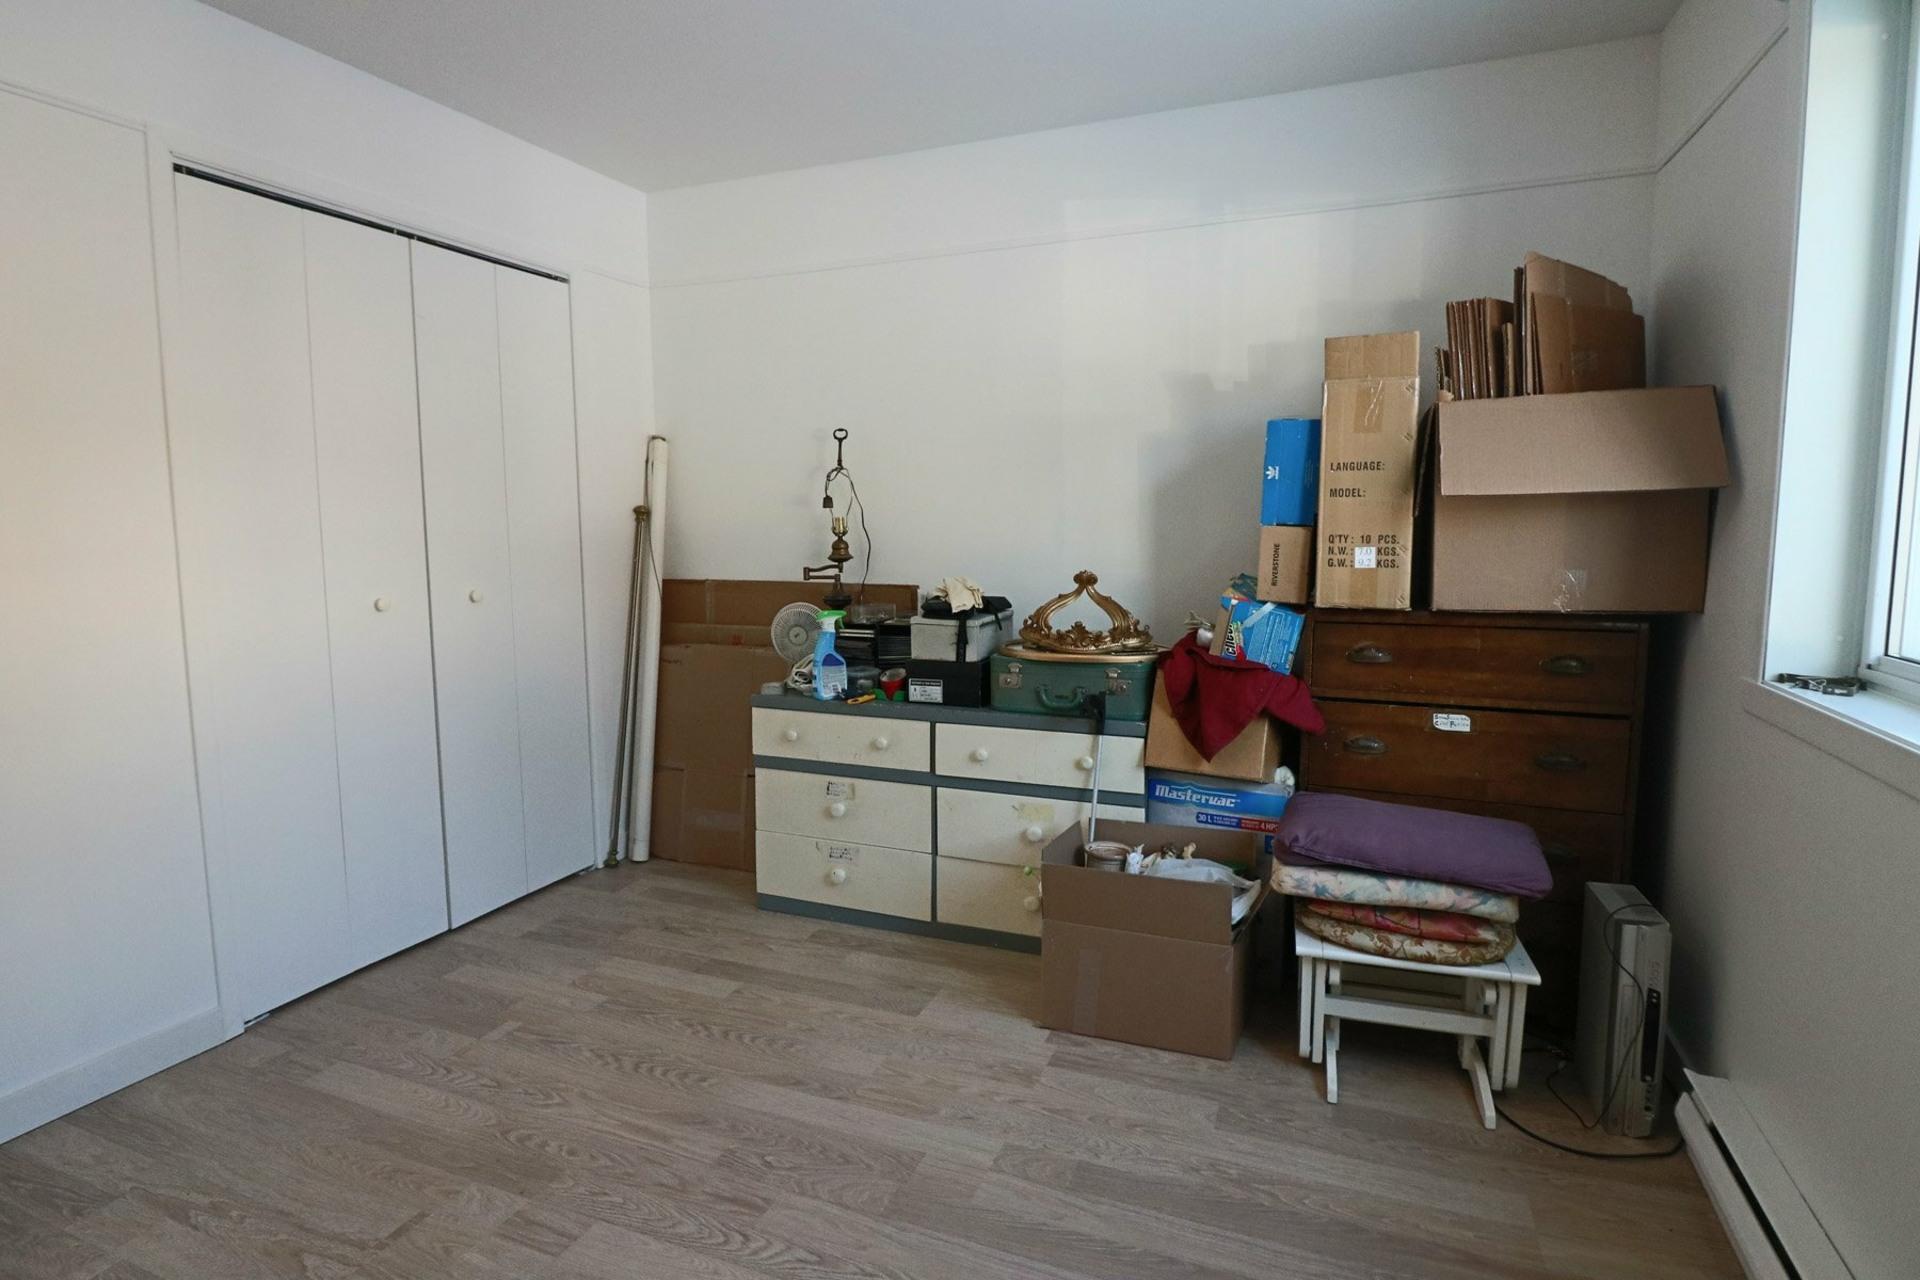 image 9 - Appartement À vendre Trois-Rivières - 8 pièces